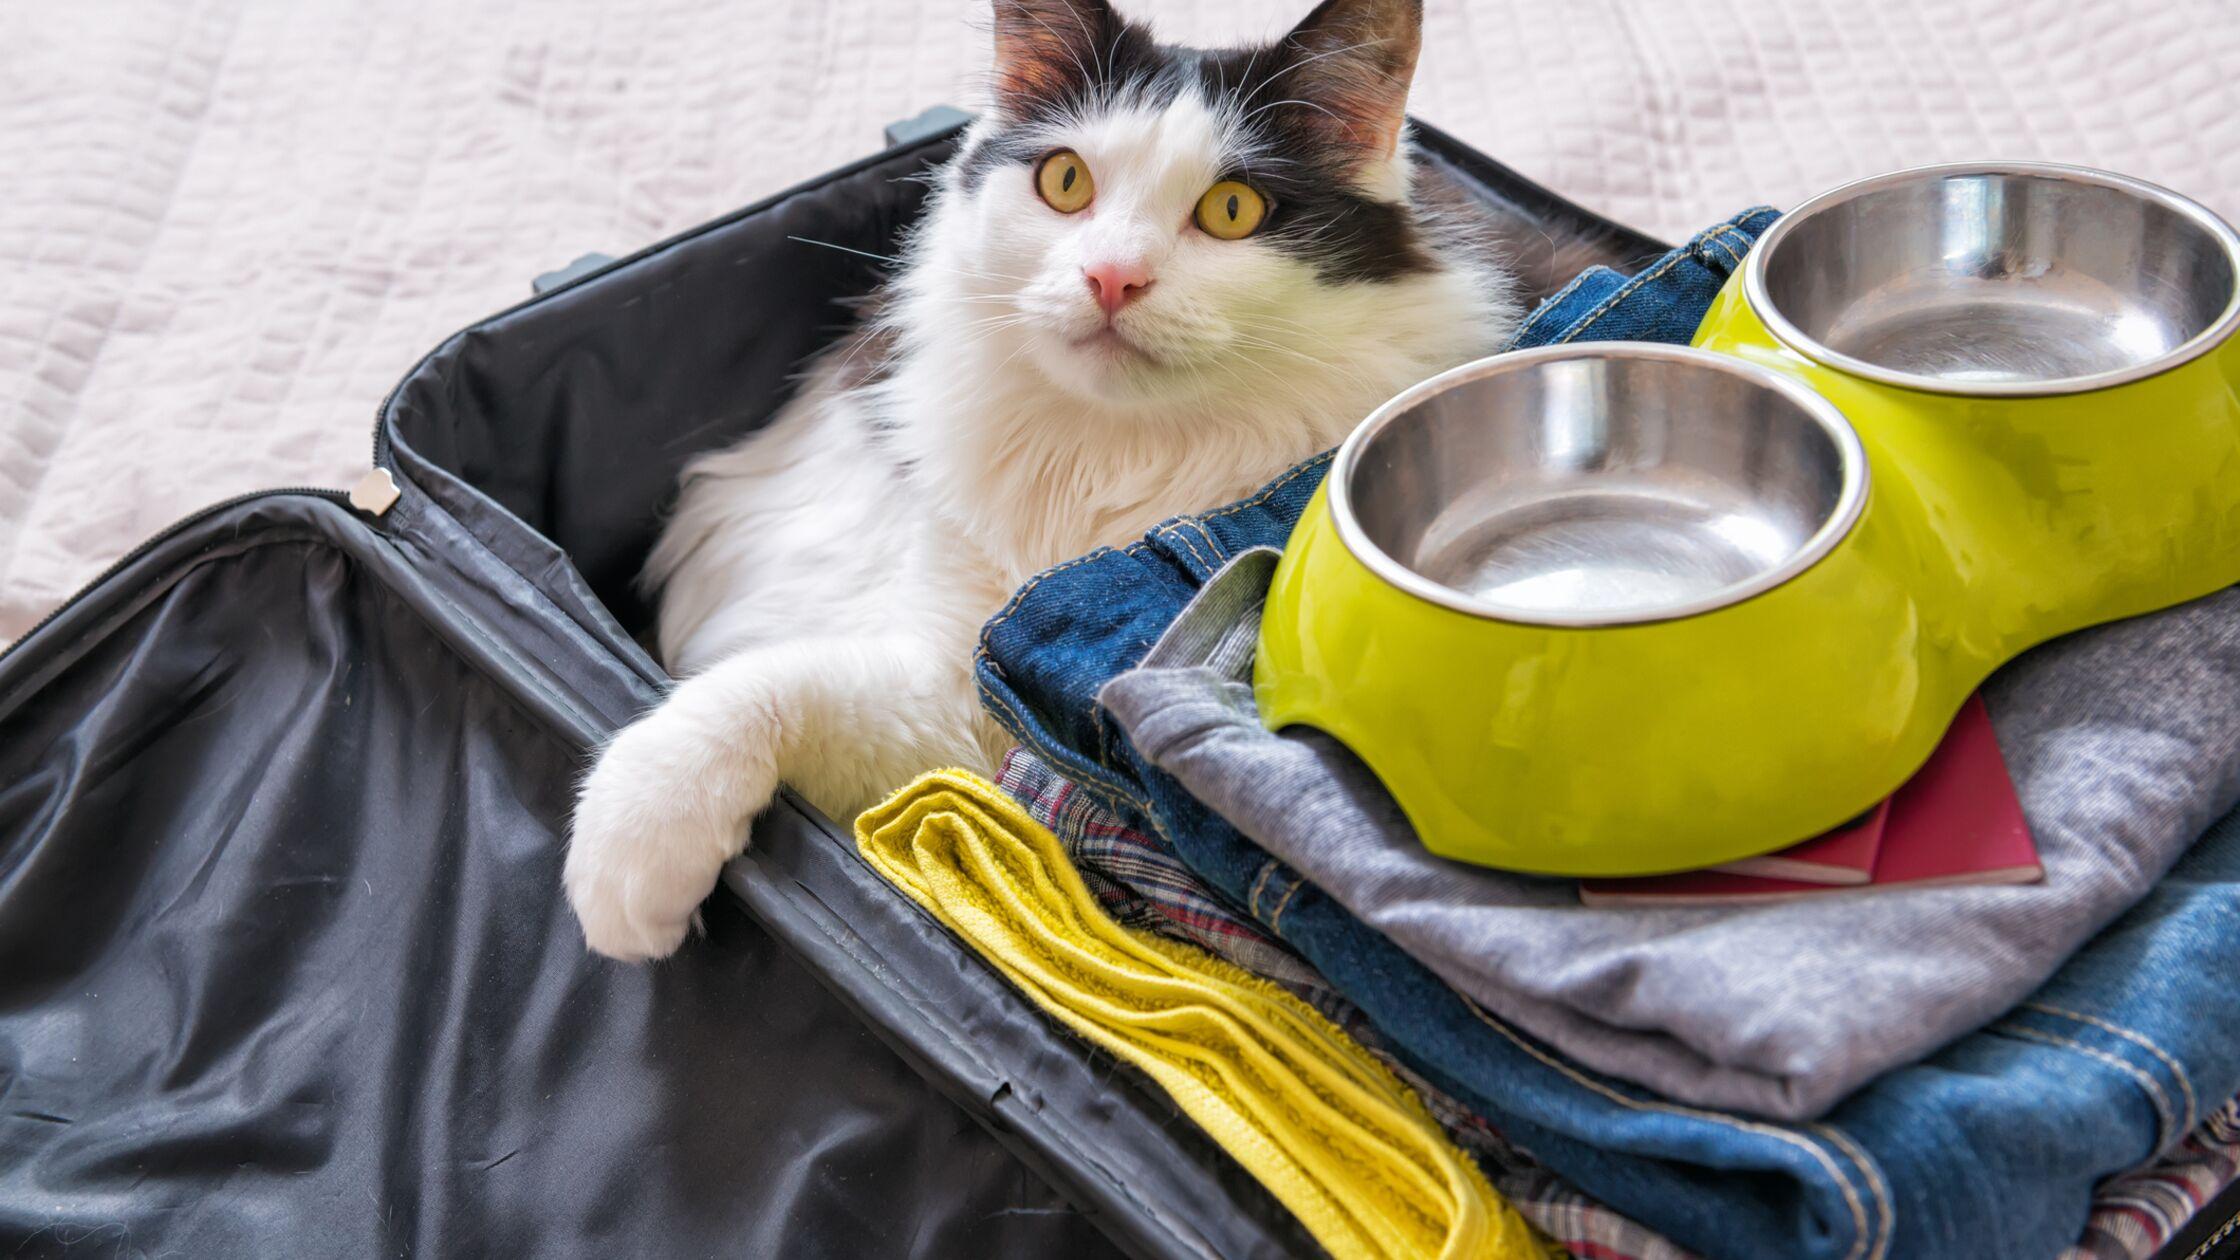 Katze im gepackten Koffer